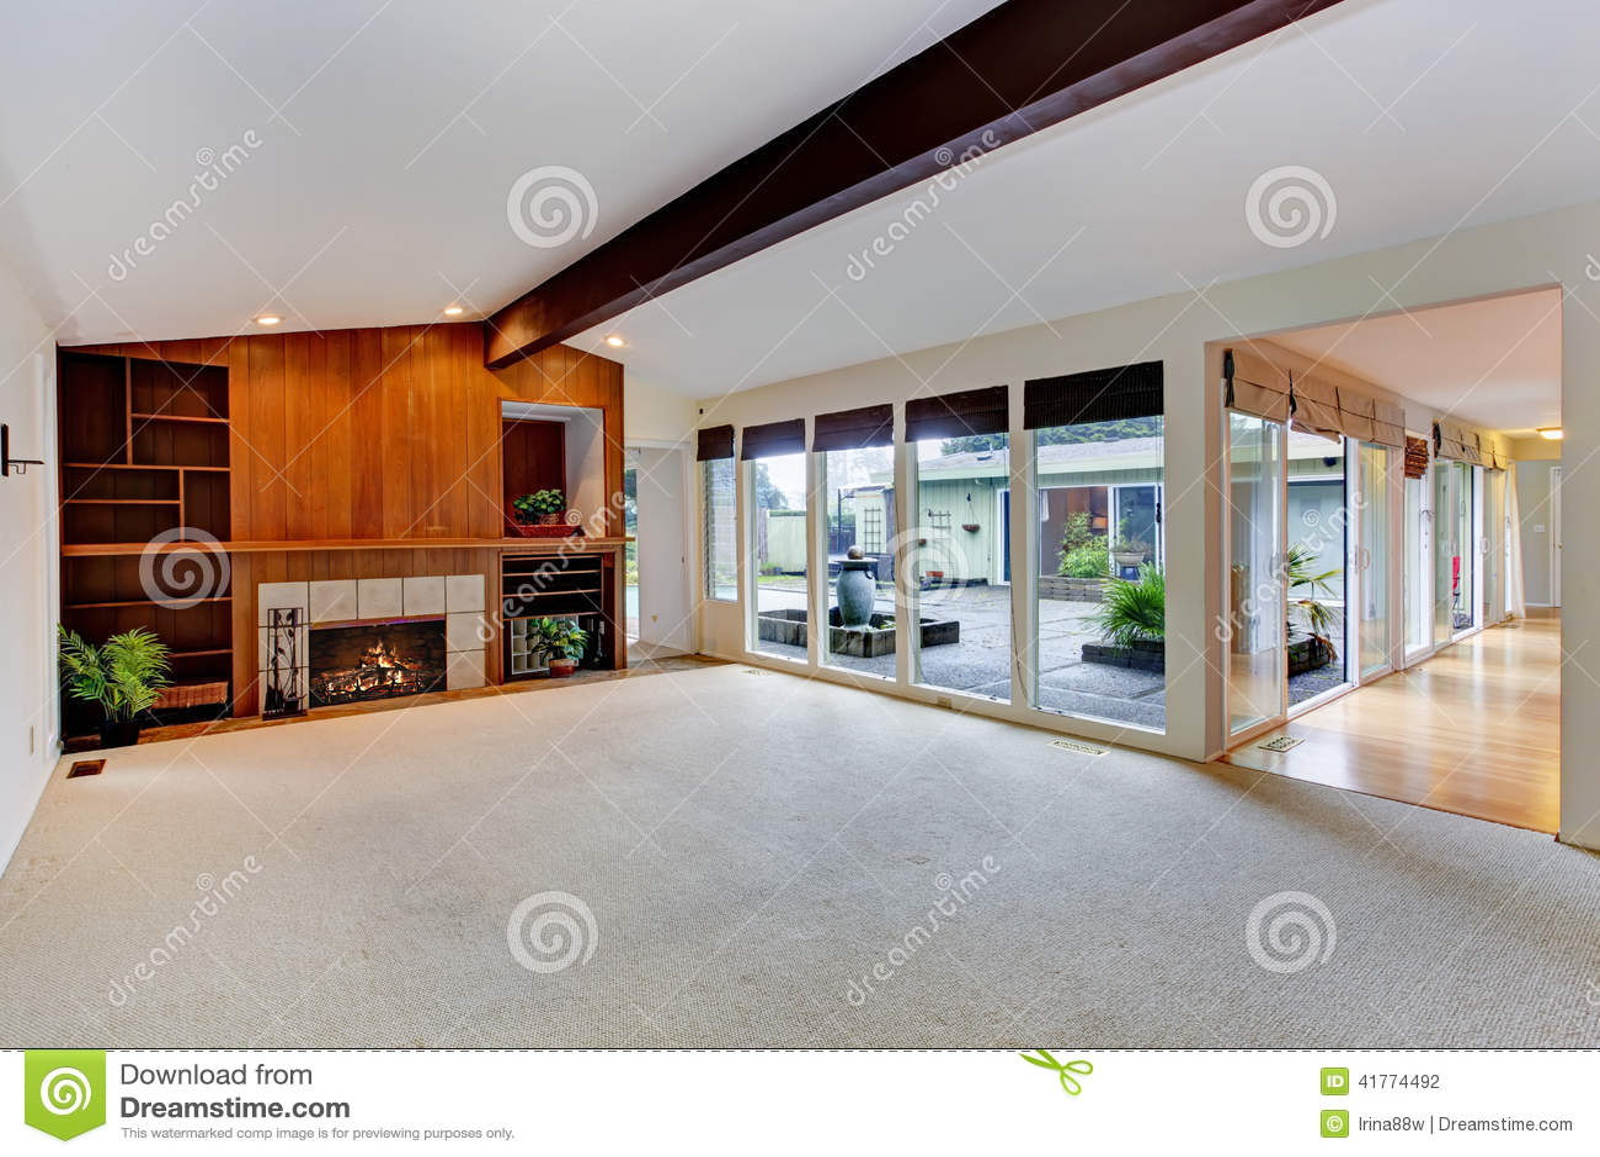 Wohnzimmer mit kamin heizen – dumss.com